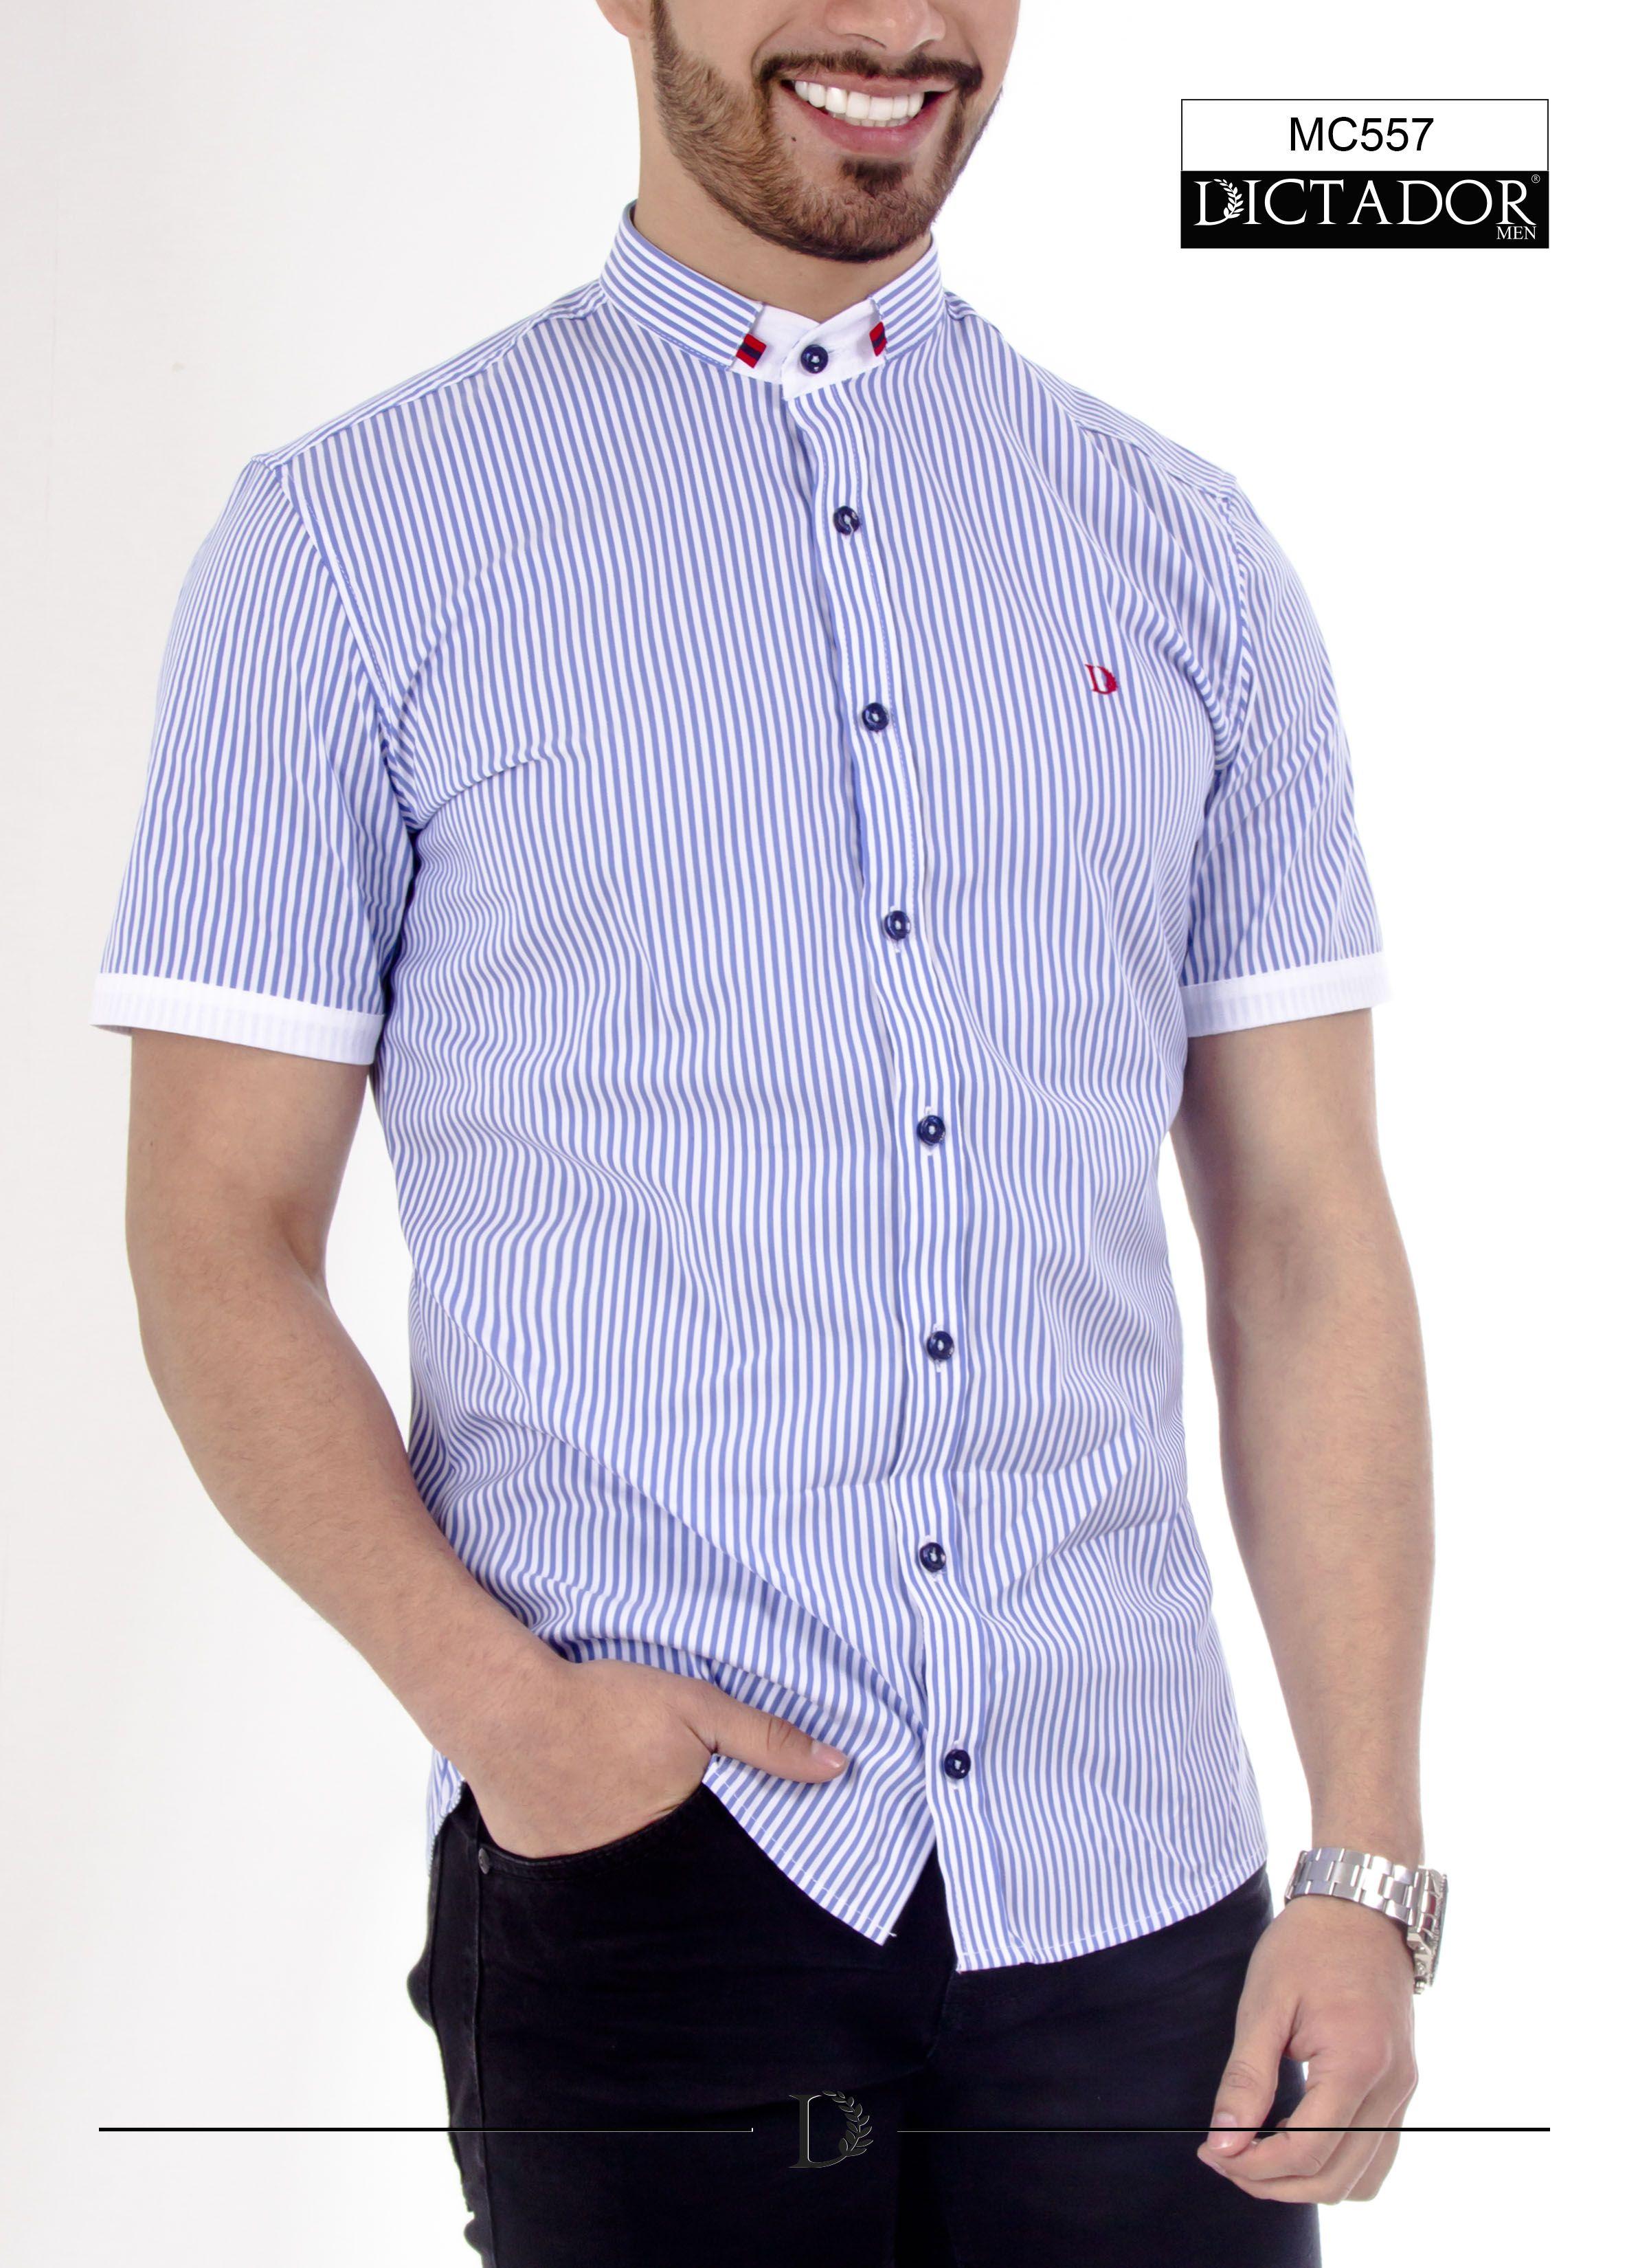 Una camisa con líneas delgadas te da un look casual que quieres para hoy. 46b2deeb5a63e